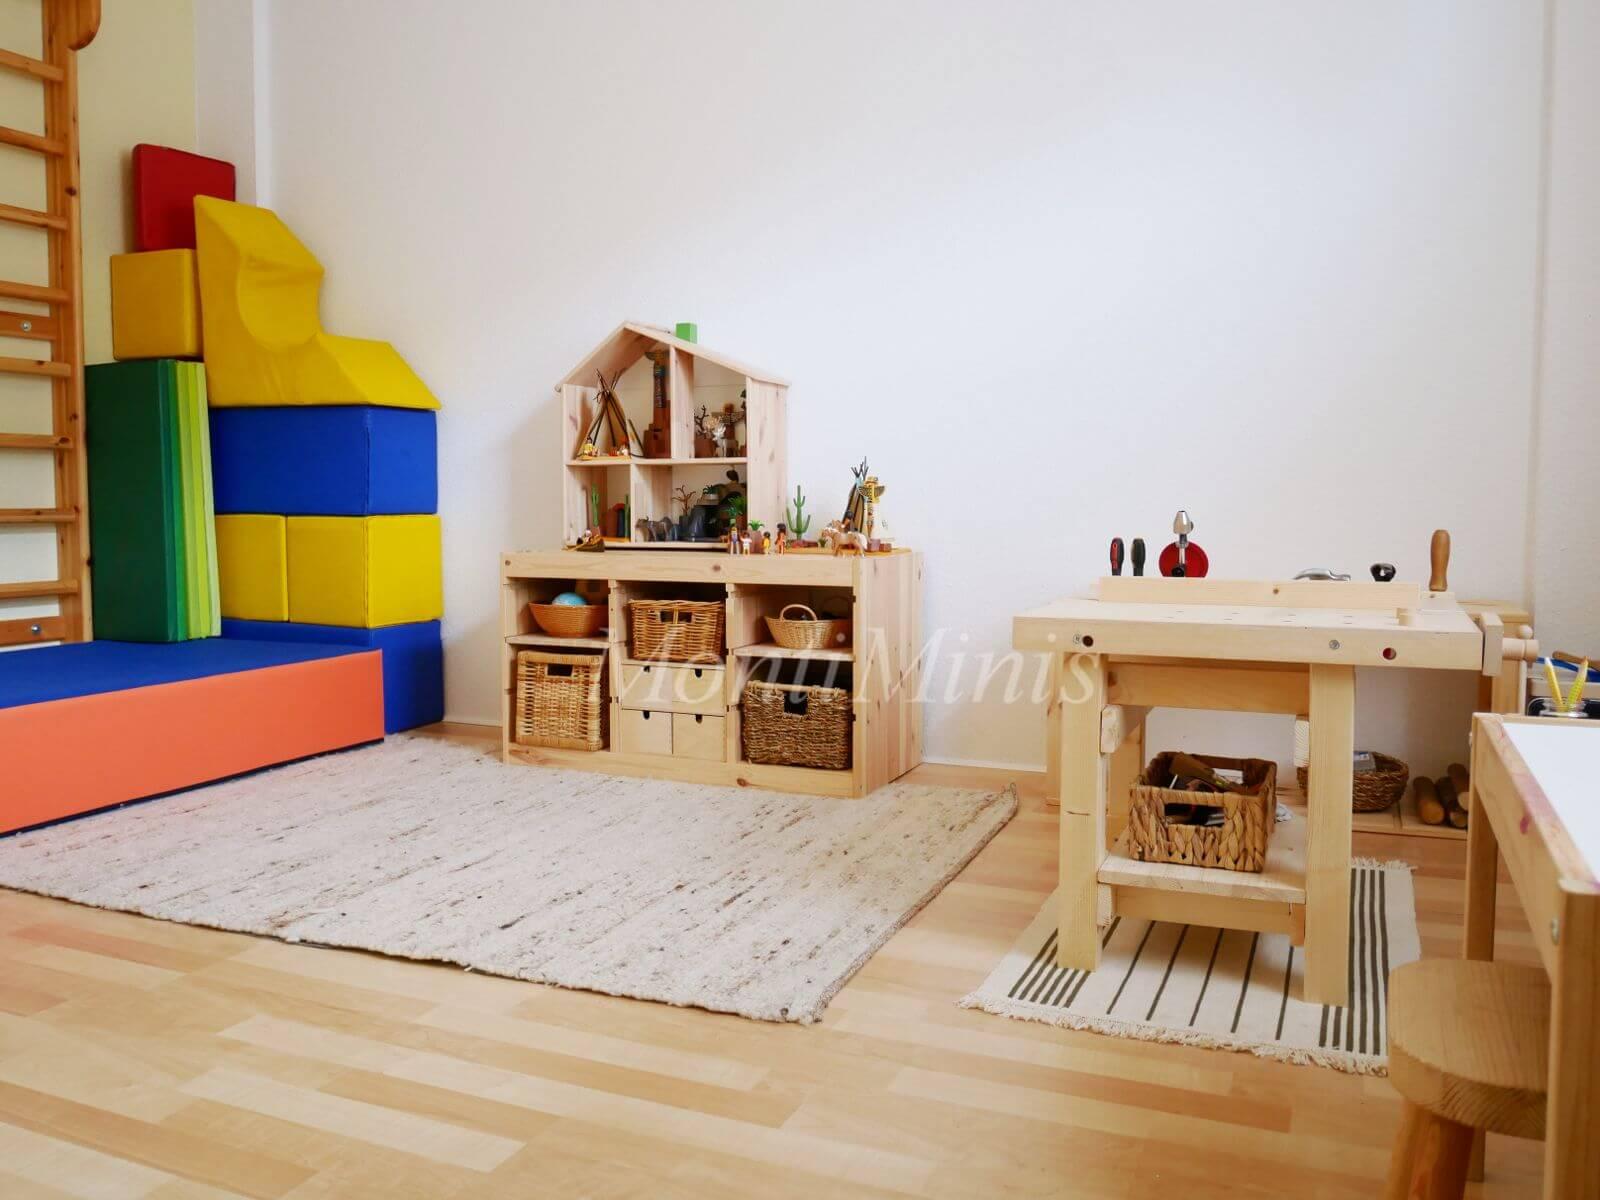 Michels Kinderzimmer mit 3,5 Jahren - Montessori Blog ...